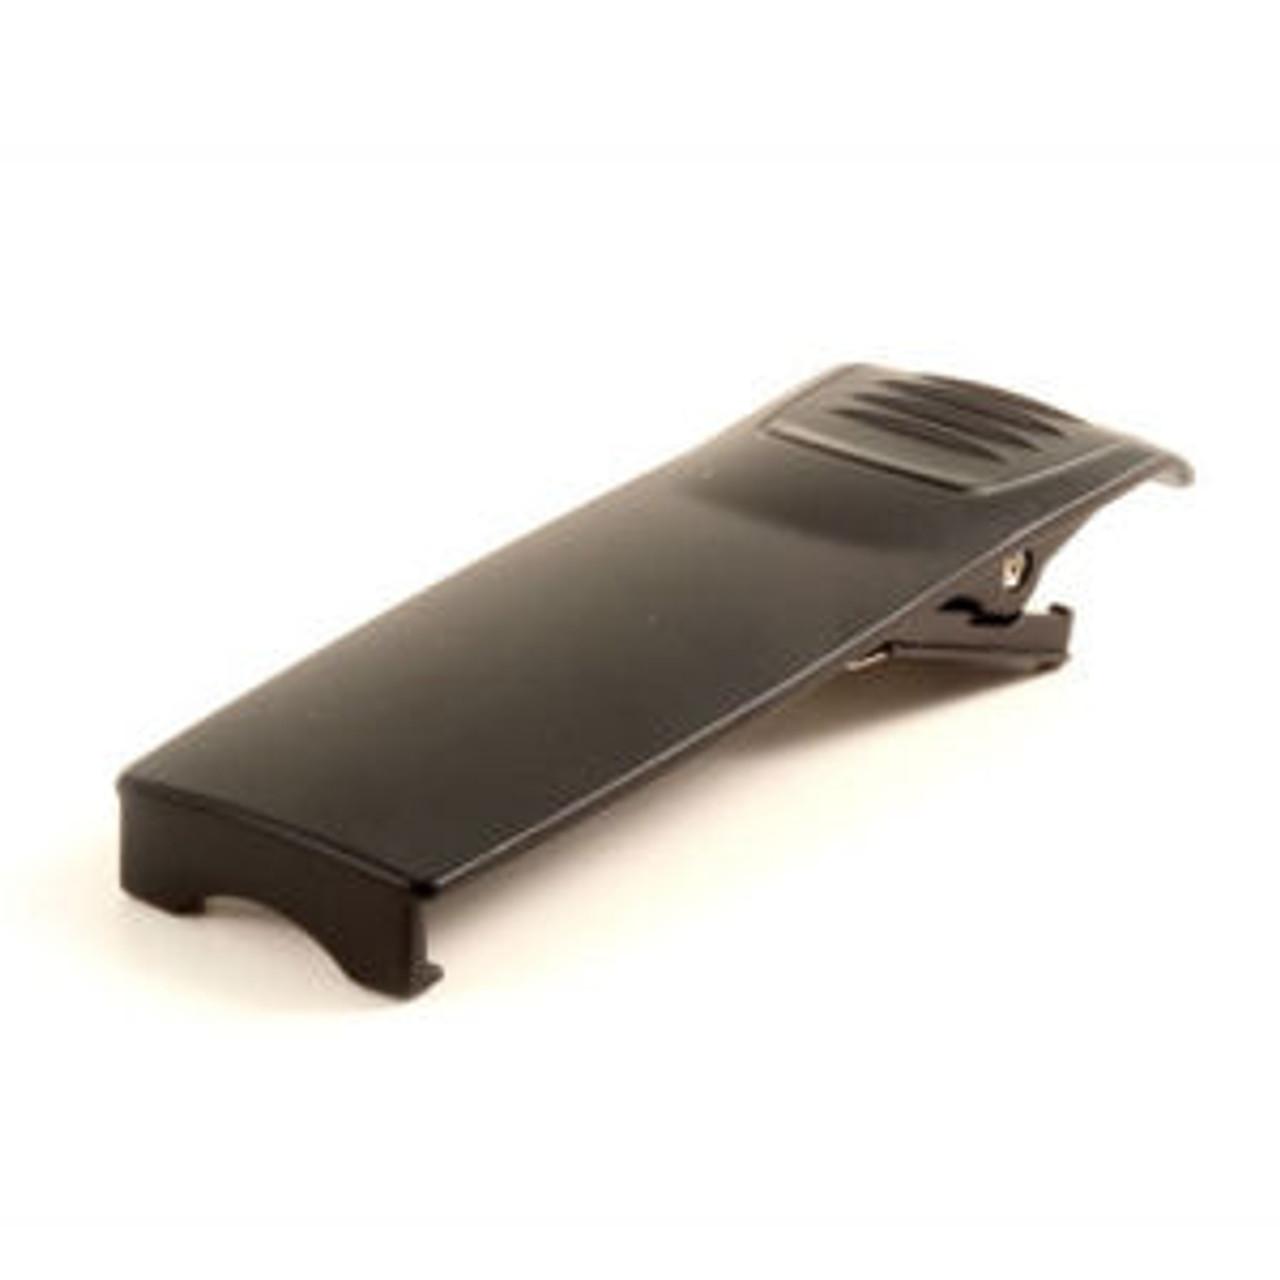 GE / Ericsson PCS Metal, Spring Loaded Belt Clip